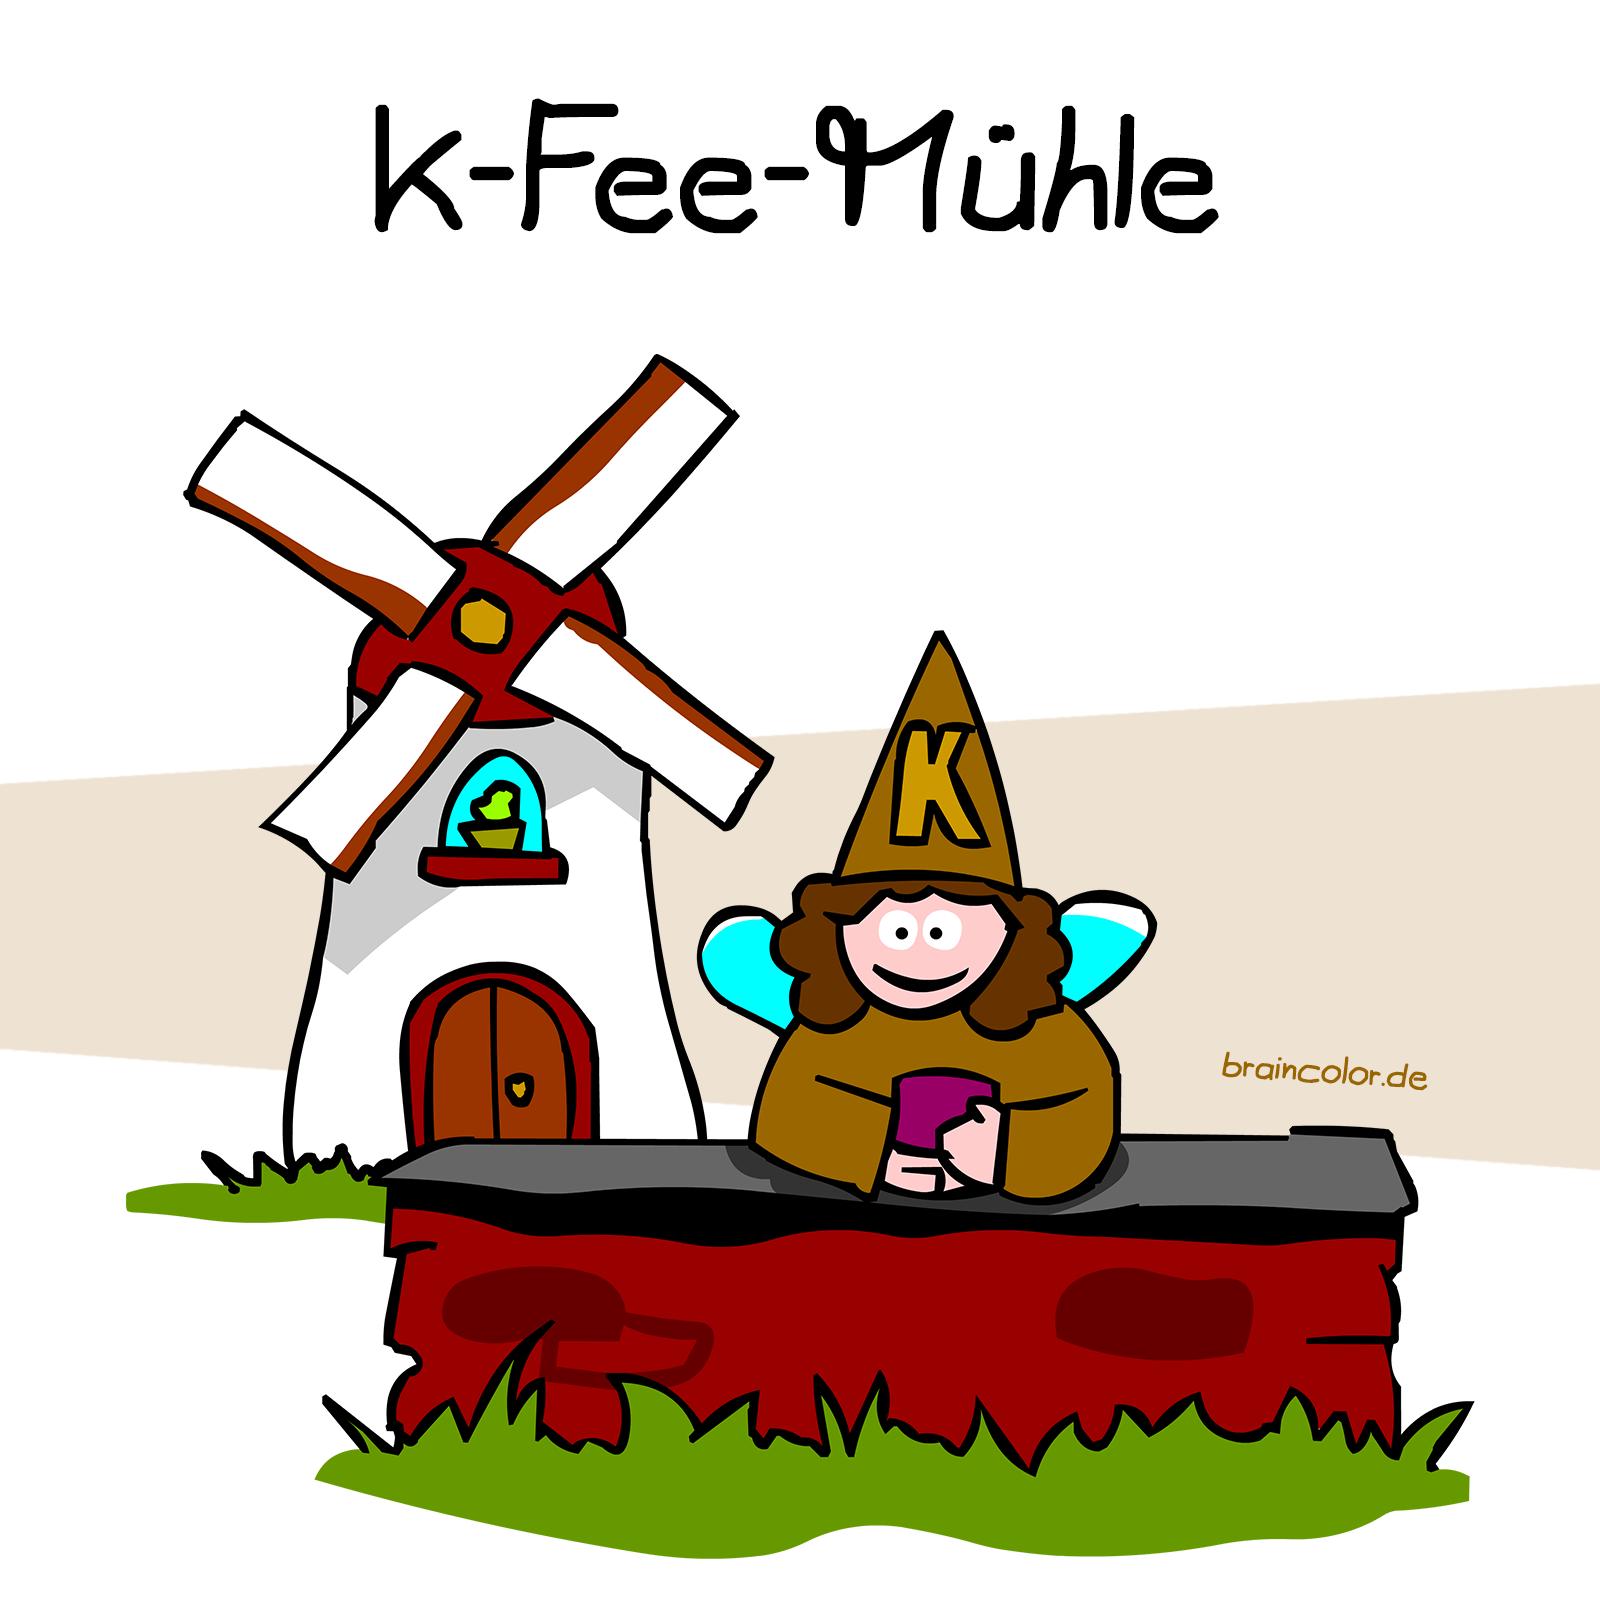 K-Fee-Mühle / Kaffeemühle